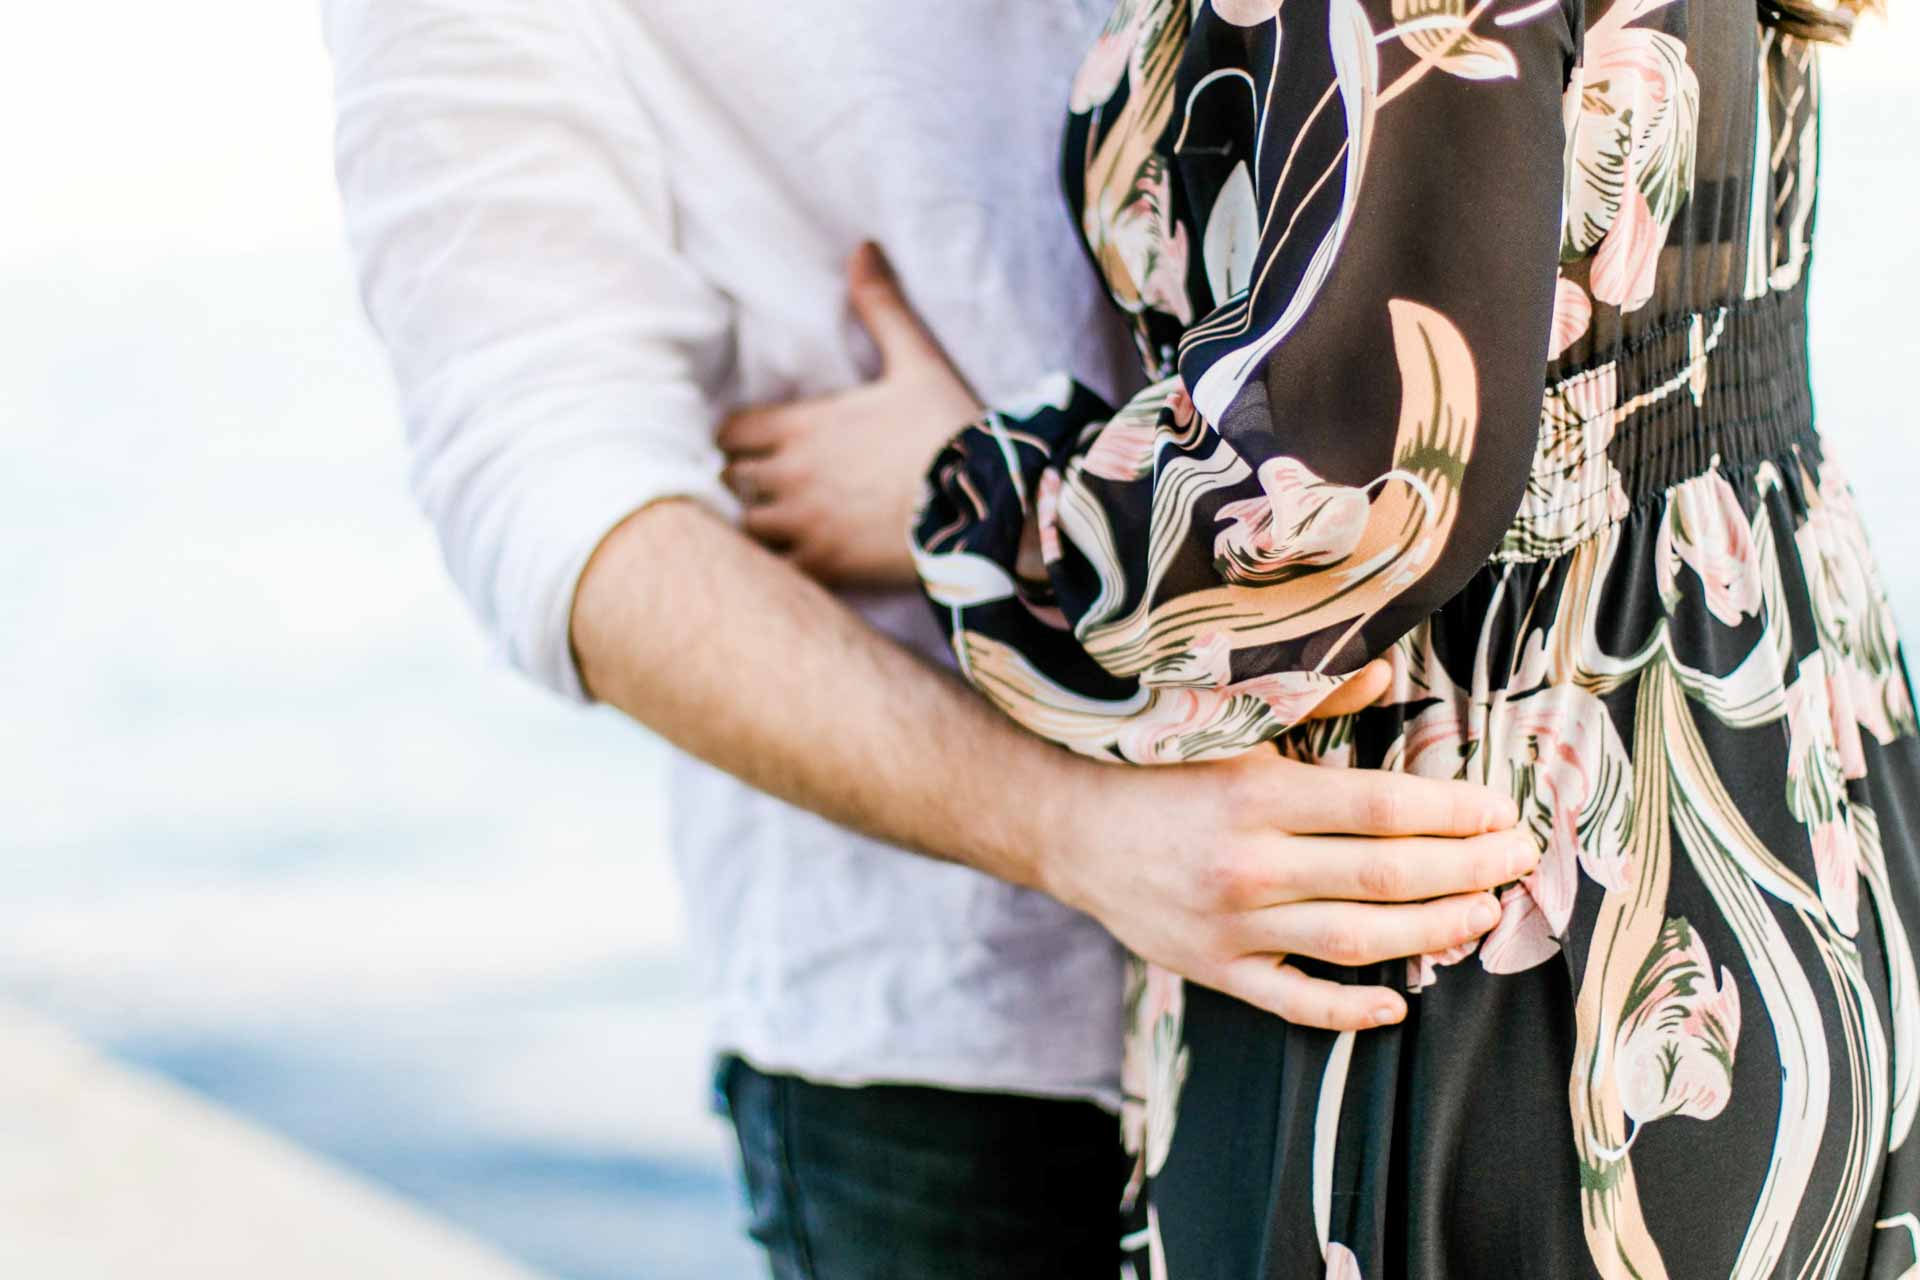 Paarfotos Wien Paarfotograf Venedig Paarfotoshooting Wien Pärchenfotos Niederösterreich romantische Bilder Hochzeitsfotograf Wien Hochzeitsfotos Fine-Art Hochzeitsfotograf